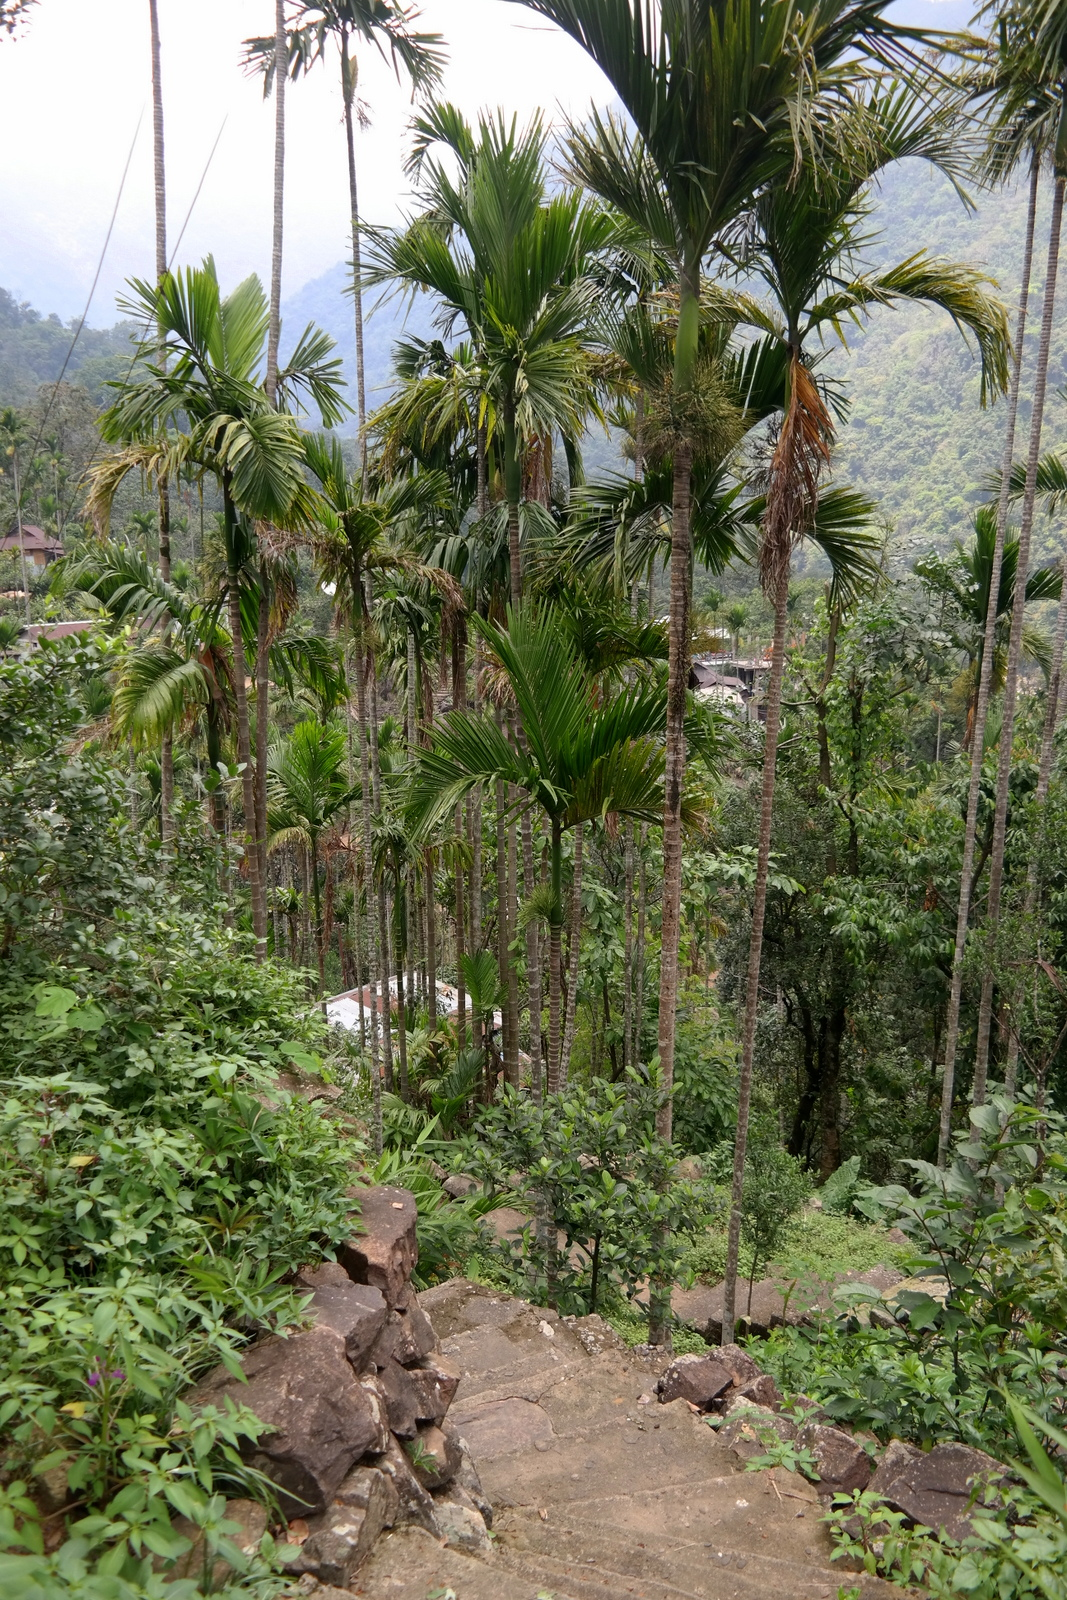 Nongriat-meghalaya-indie-india-inde-waterfall-root bridge-living root bridges